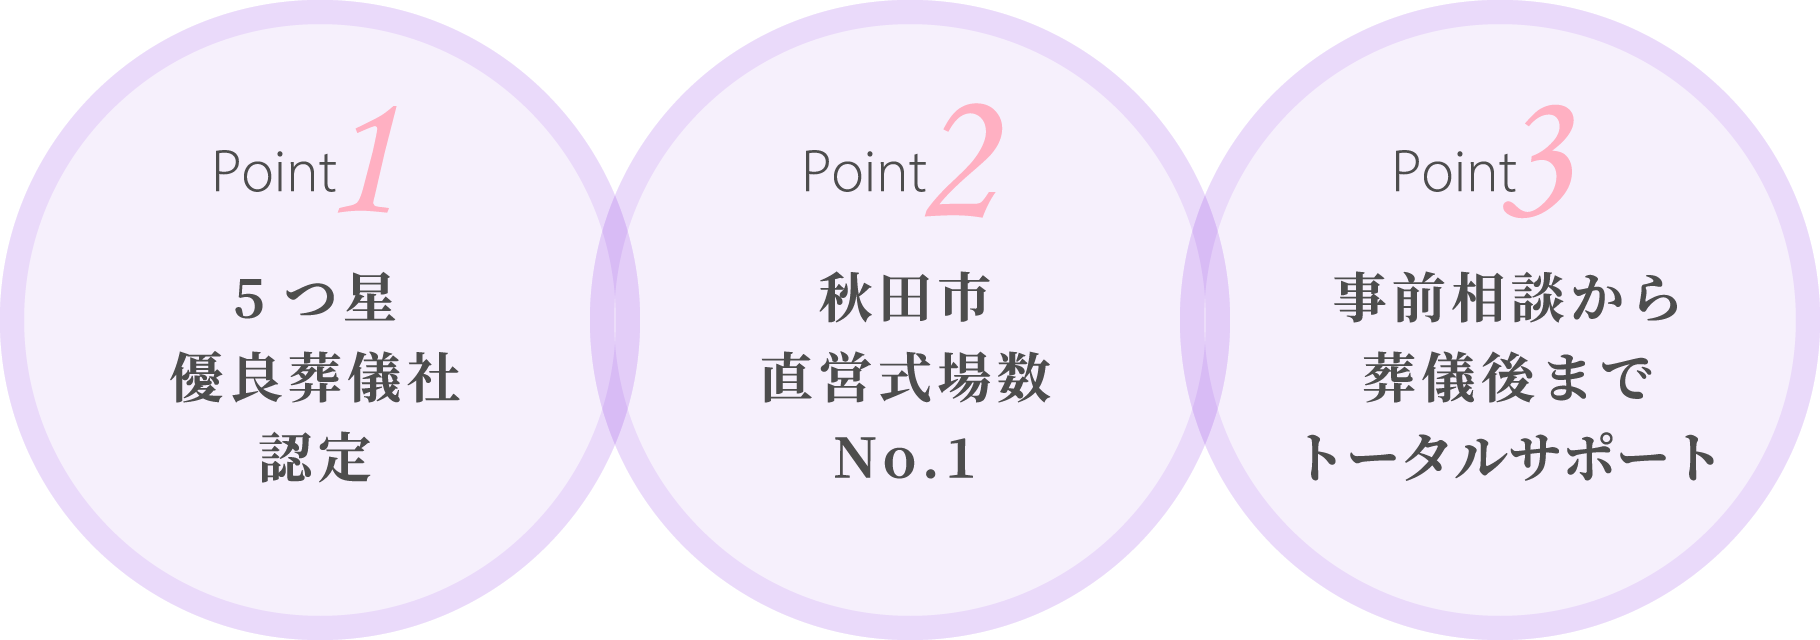 5つ星優良葬儀社認定 秋田市直営式場No.1 事前相談から葬儀後までトータルサポート